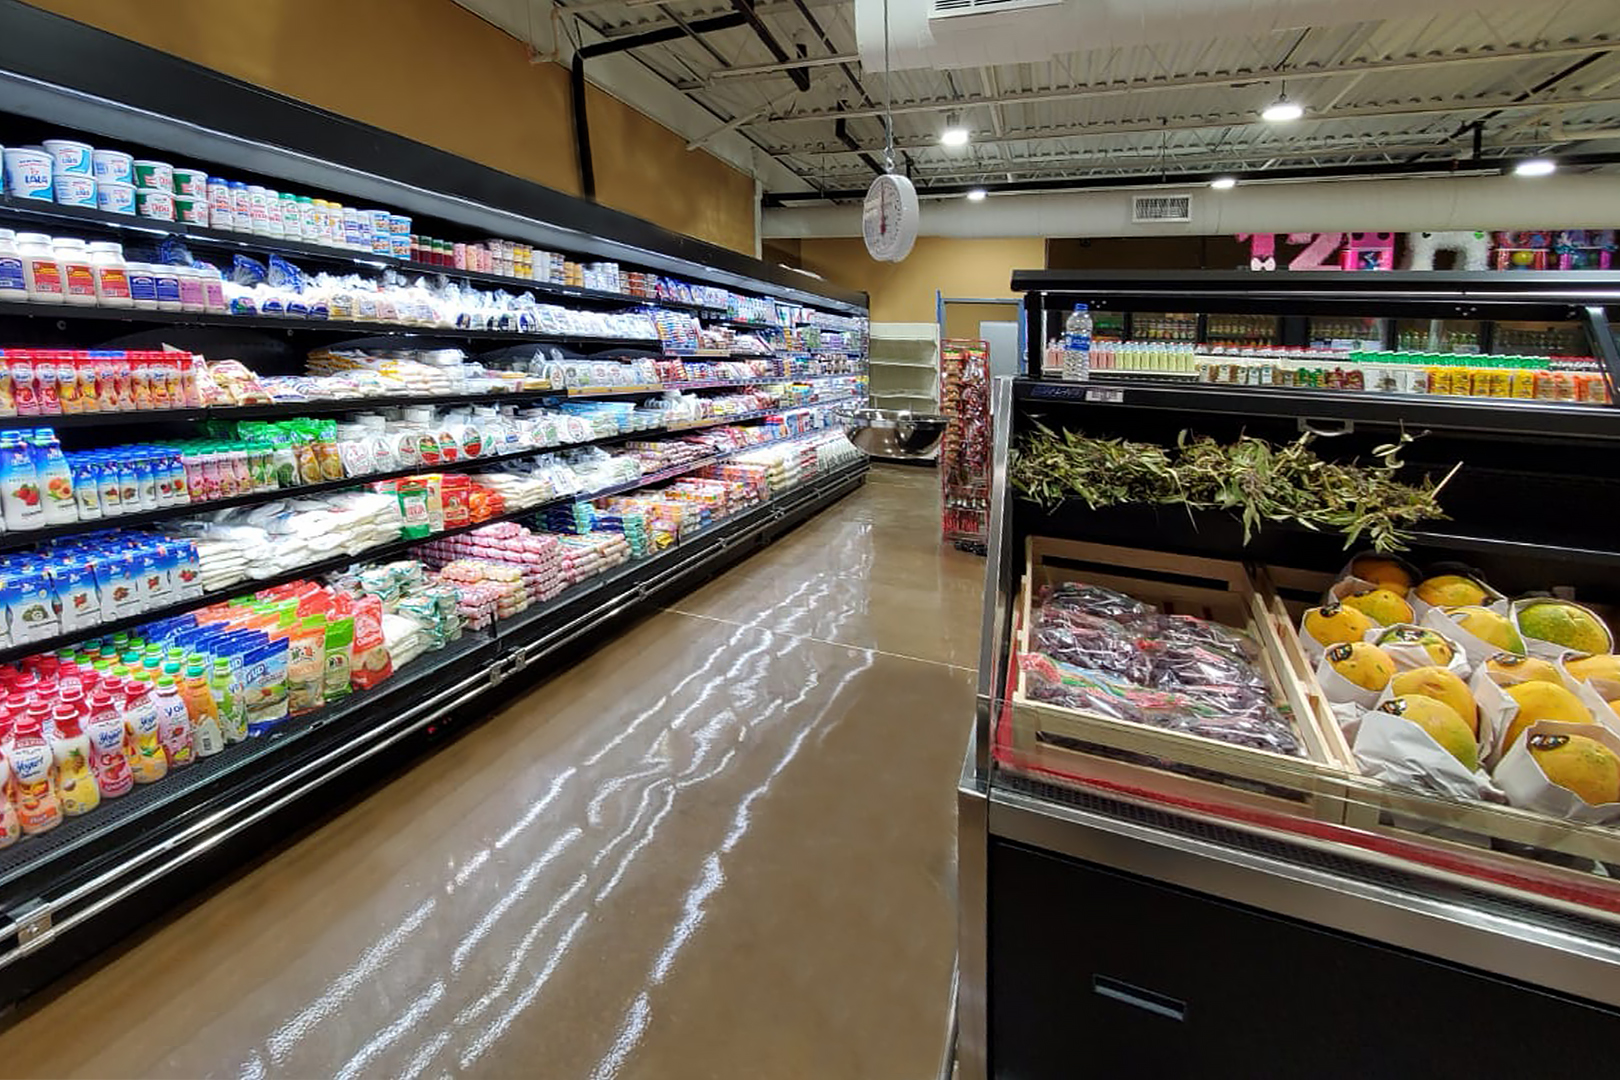 Специализированные витрины для продажи овощей и фруктов Missouri VF MC 110 VF self 125-DBM, пристенные витрины Louisiana MV 095 MT О 210-DLM